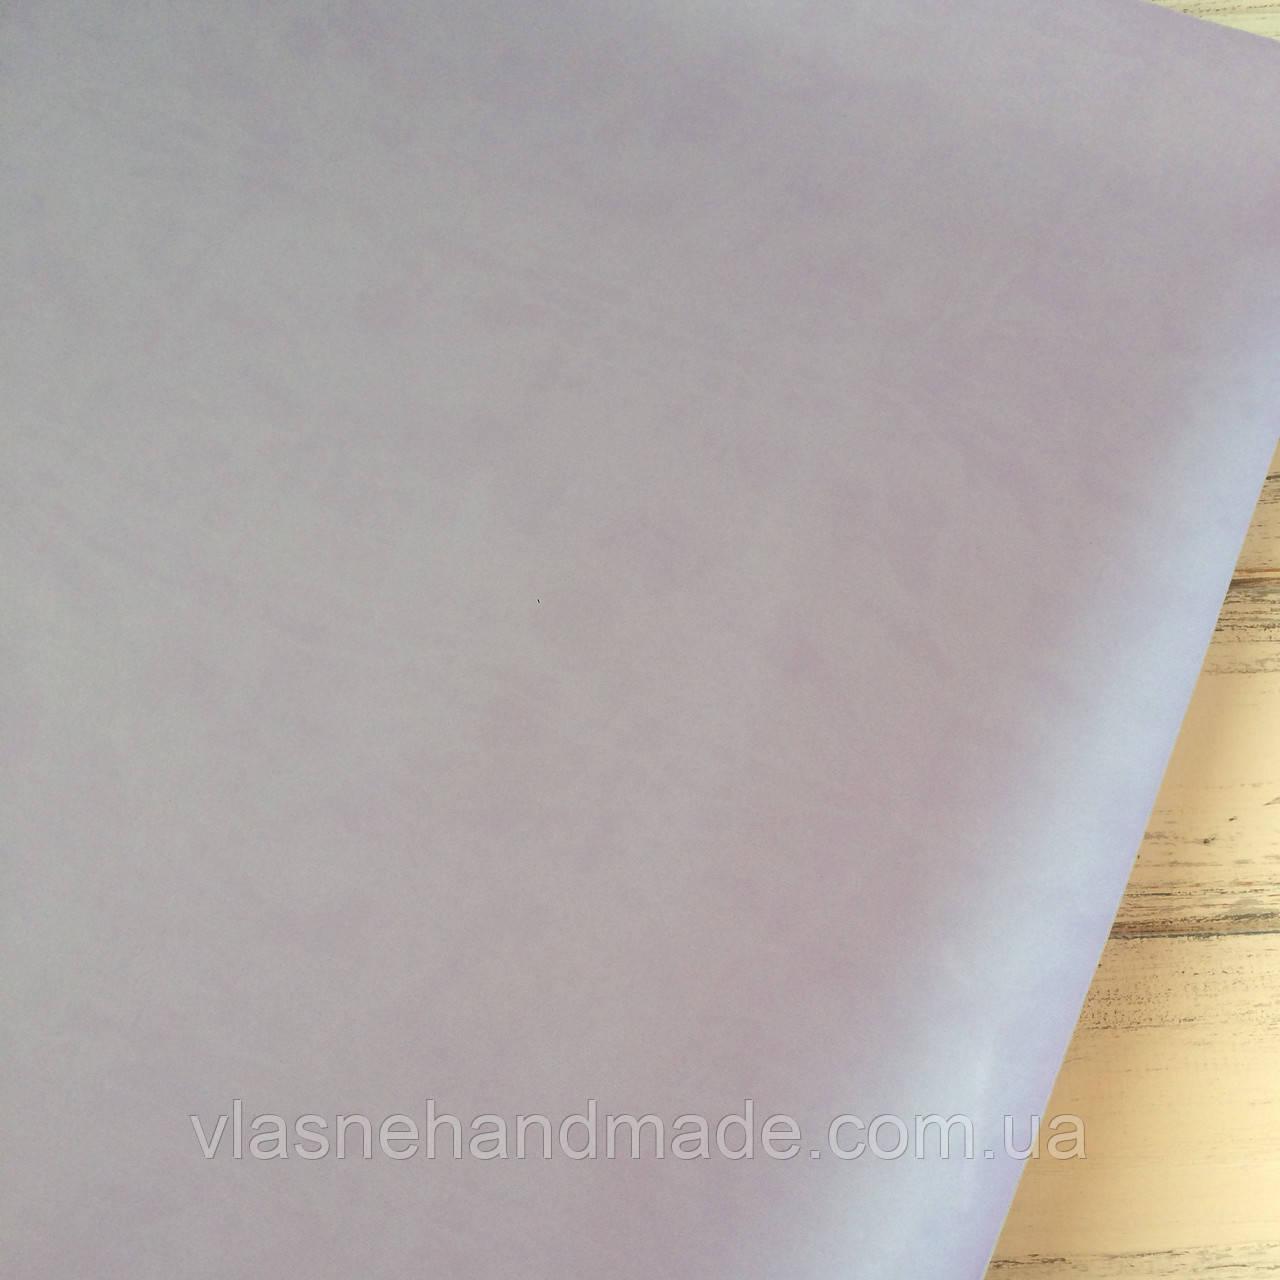 НЕФОРМАТ АБО НЕВЕЛИКИЙ БРАК!! Шкірзамінник палітурний - матовий - світлий фіолетово-бузковий - 15,5х24,8 см